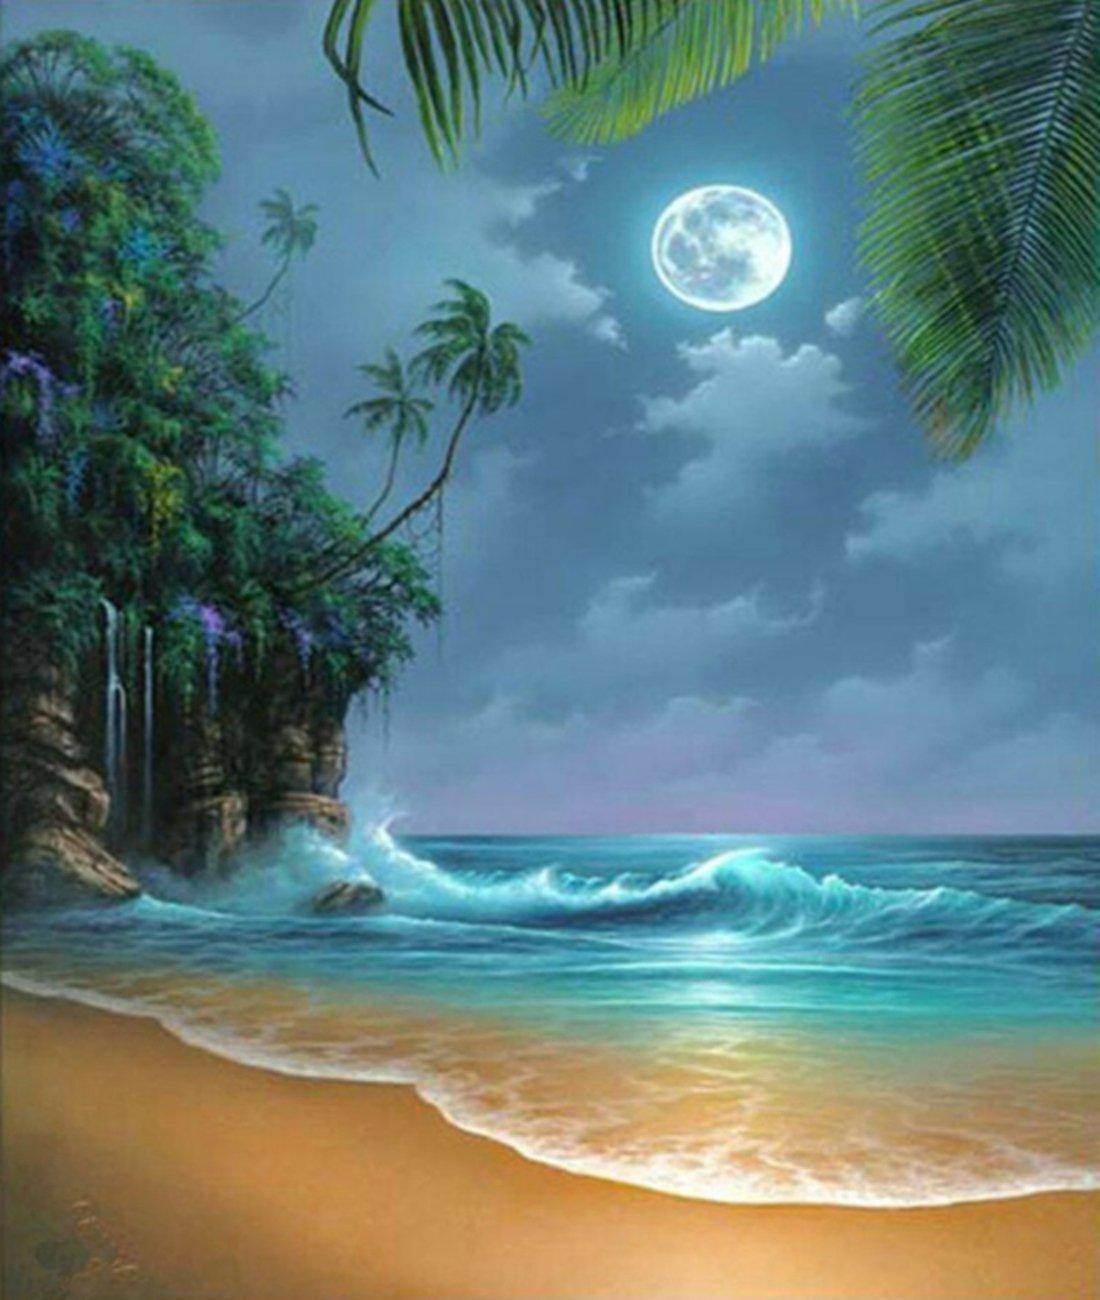 Kit per diamond painting 5D, Integrale, con luna sul mare, ricamo con strass, per decorare casa e pareti Nehome